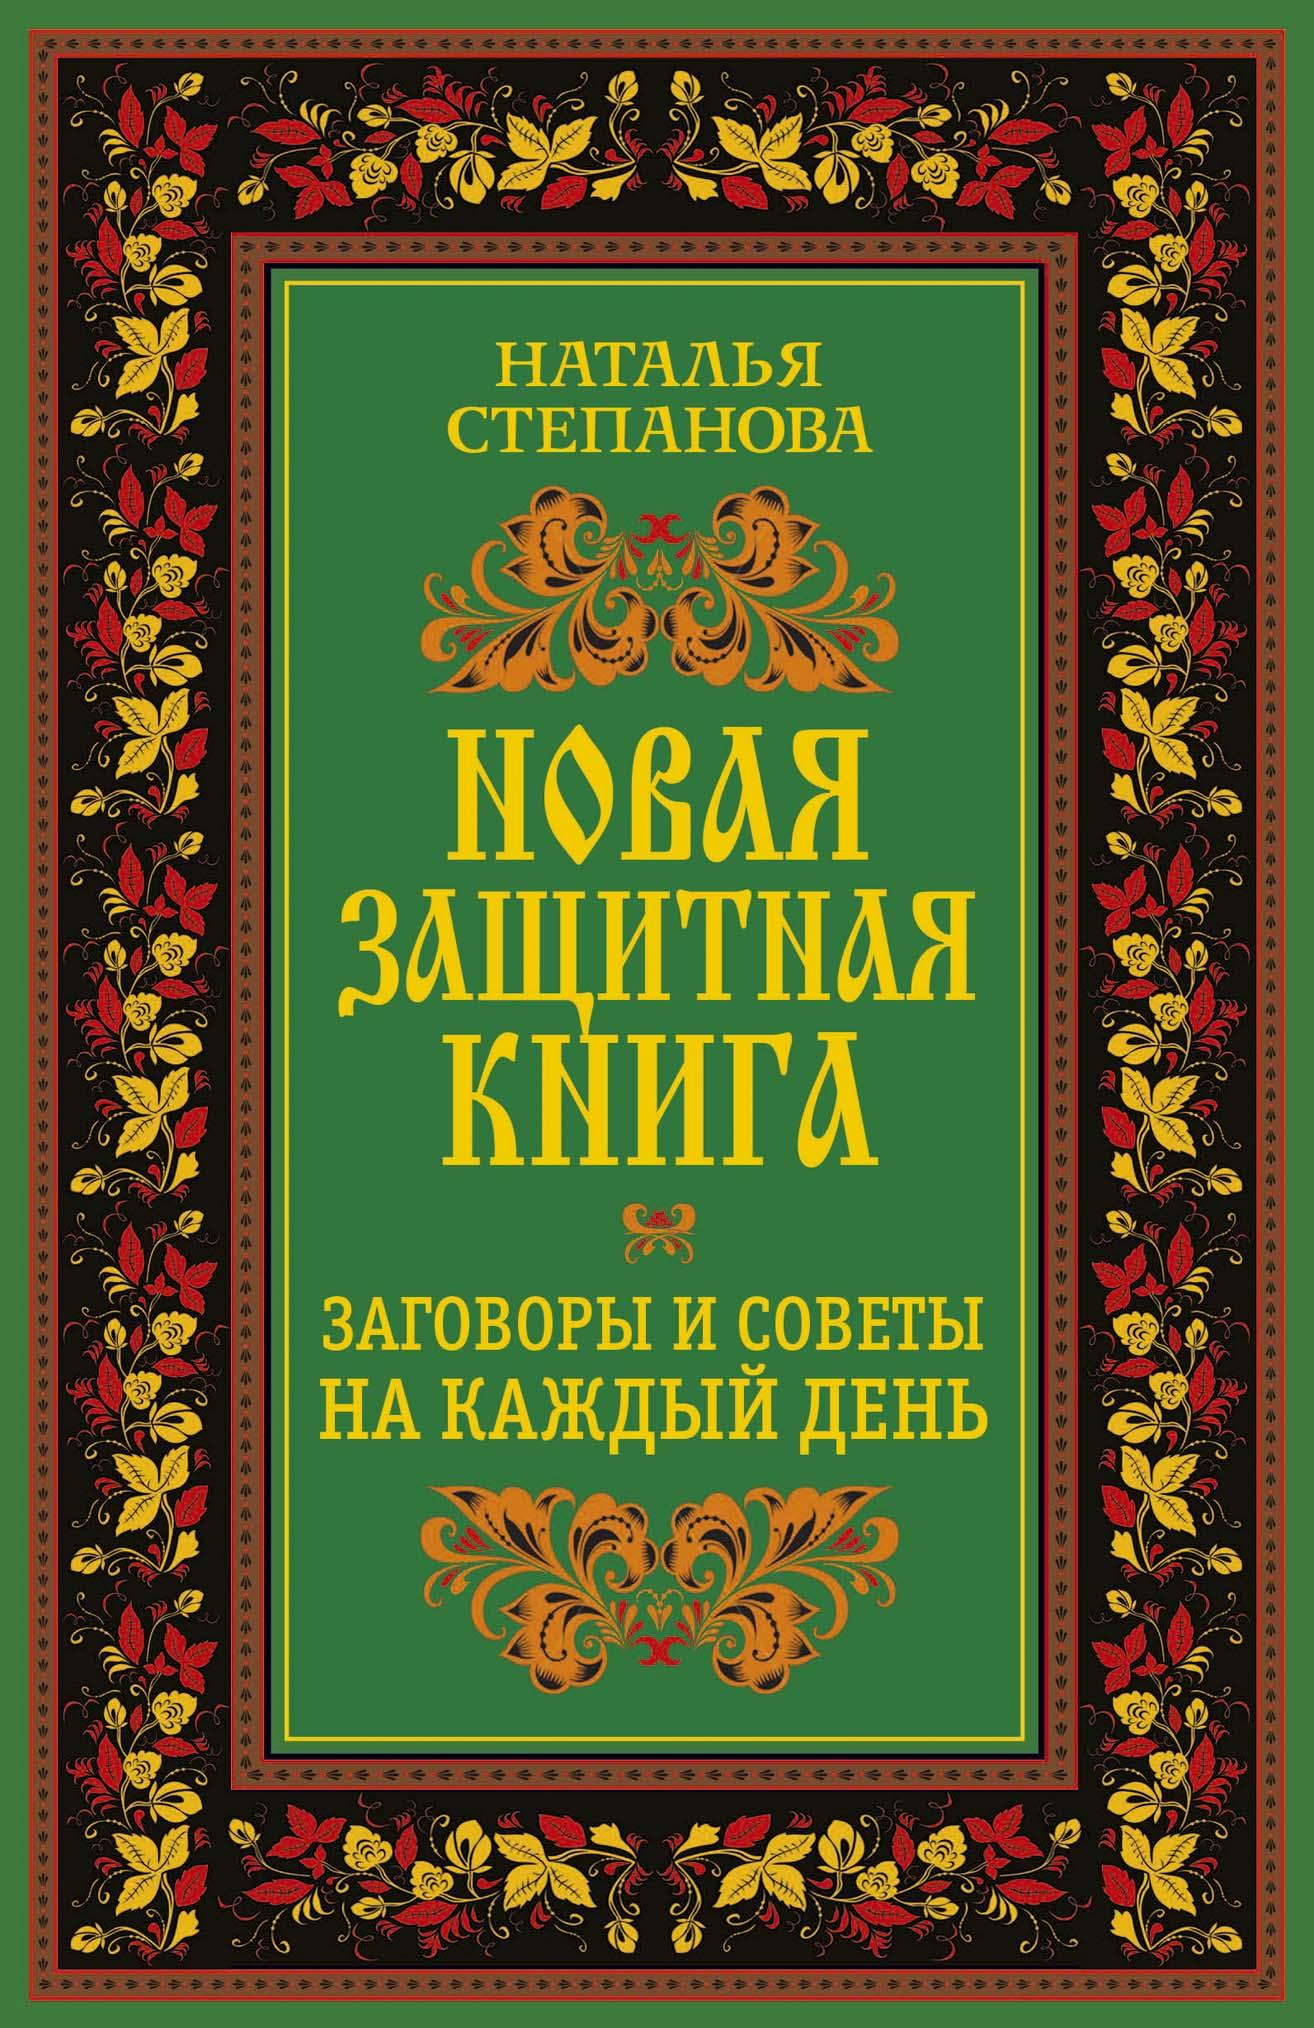 Новая защитная книга. Заговоры и советы на каждый день. Наталья Степанова